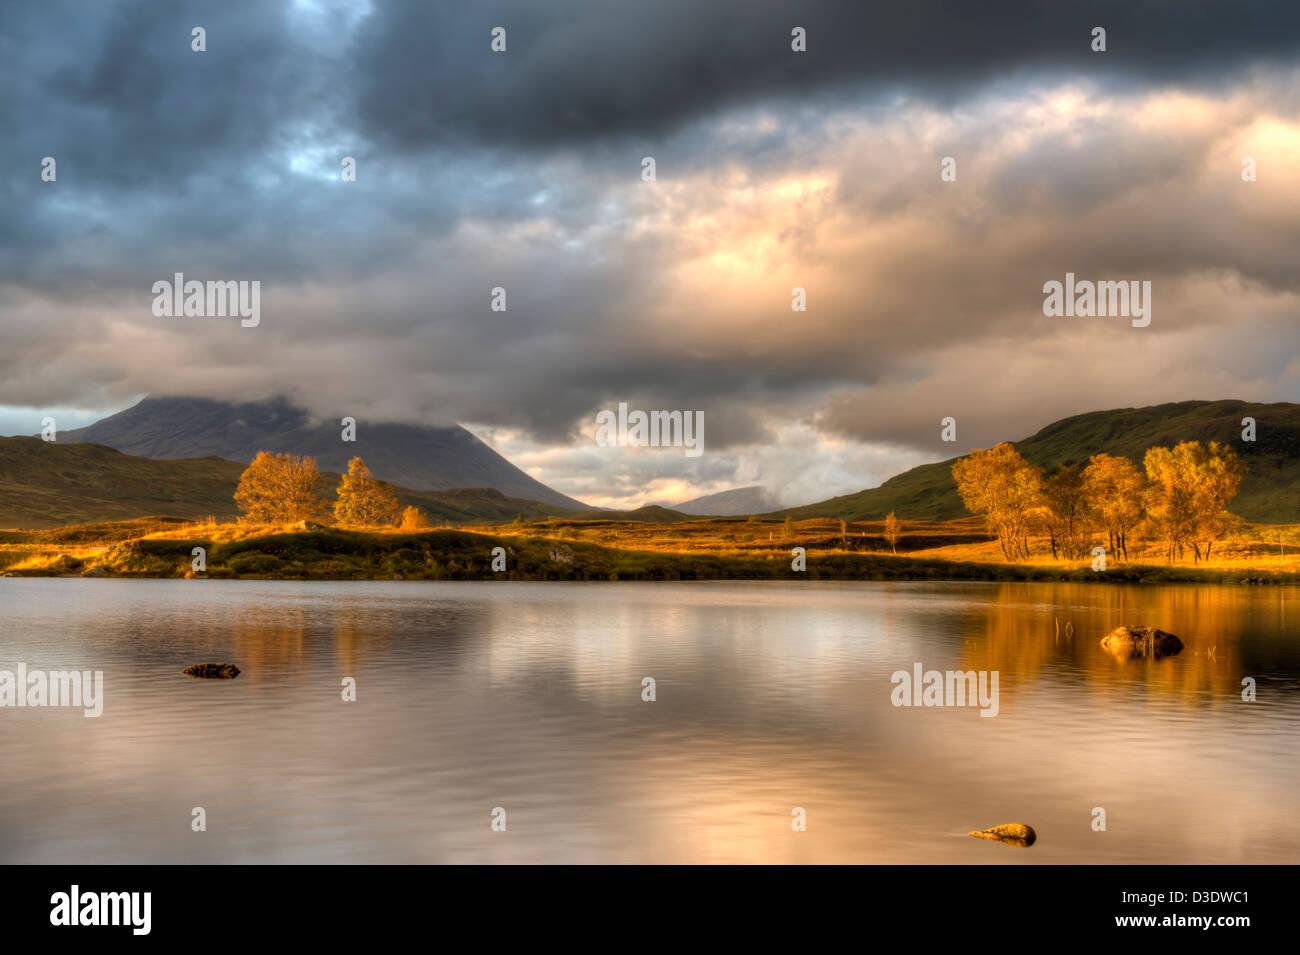 rannoch moor landscape, scotland - Stock Image